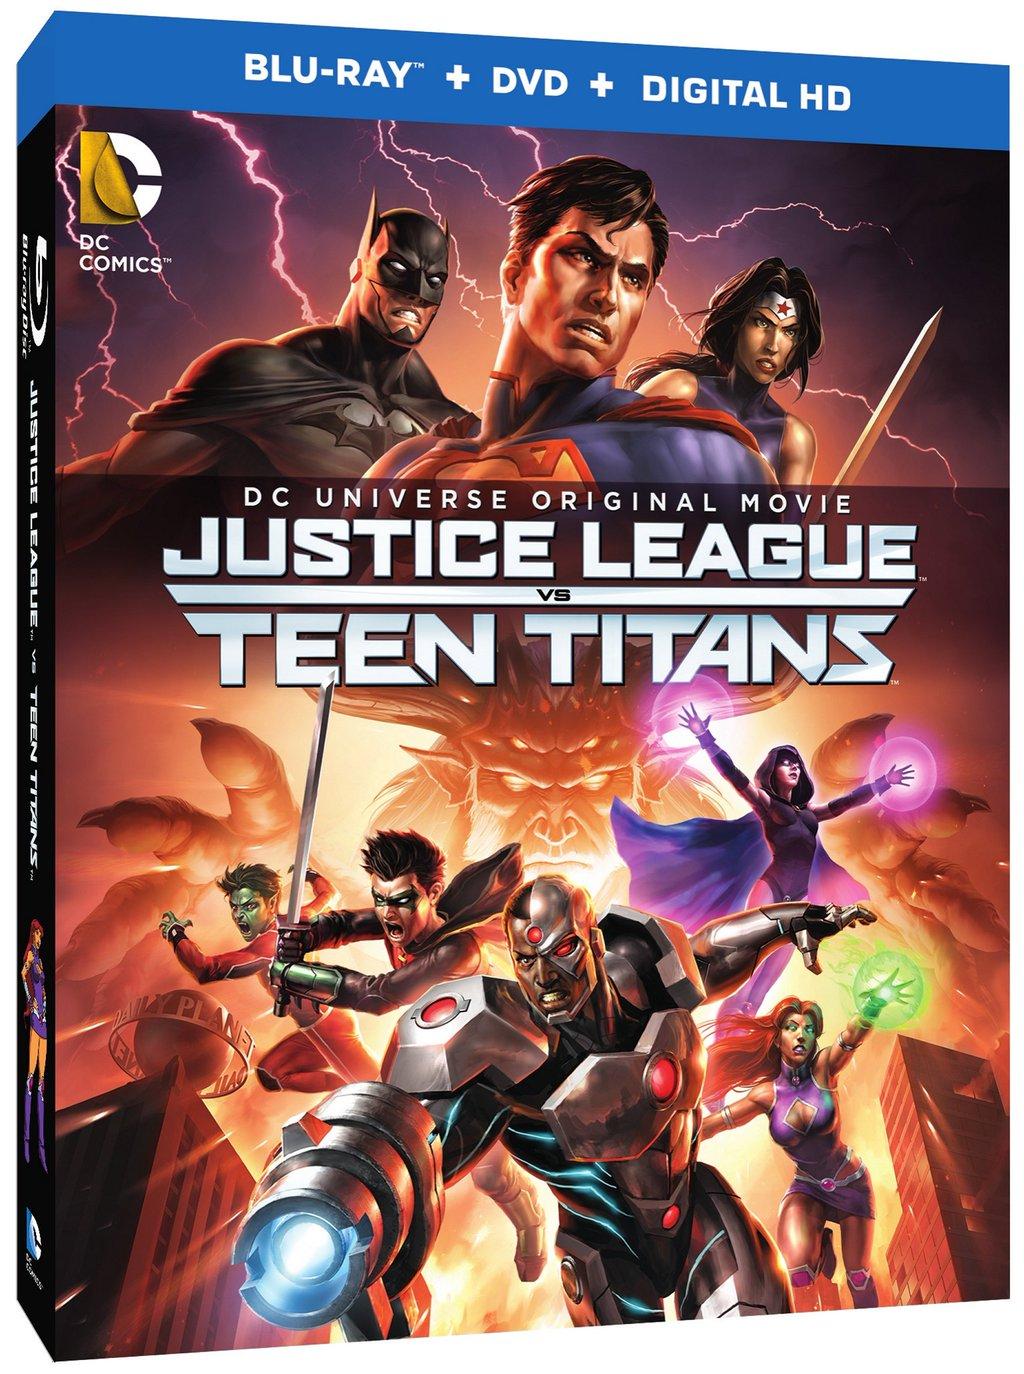 [ANIMACIÓN] Justice League vs The Teen Titans - Página 2 44723